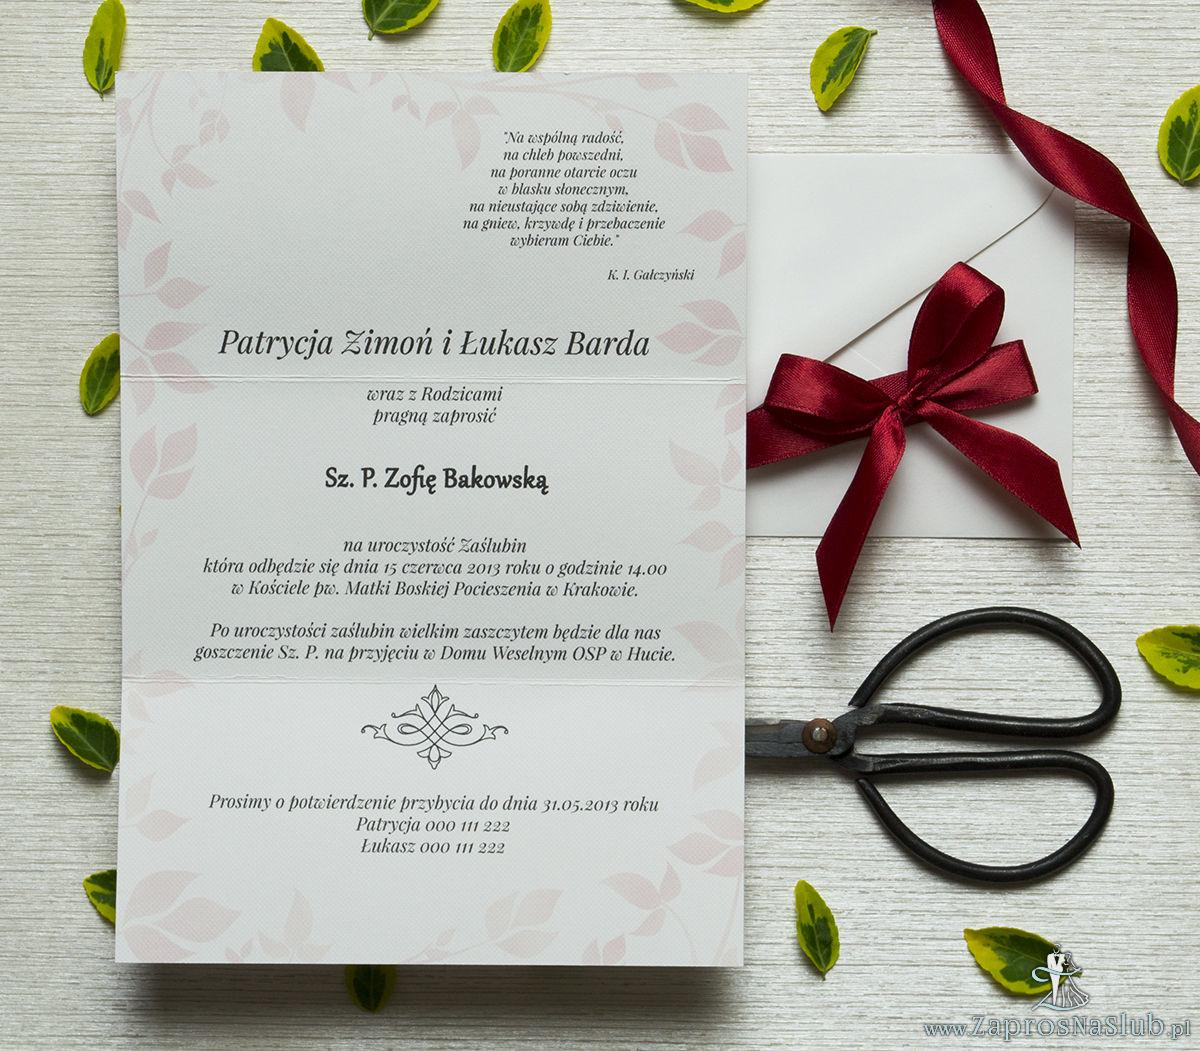 Zjawiskowe zaproszenia ślubne z czerwonymi różami, przewiązane wstążką satynowaną w kolorze bordowym. ZAP-92-06